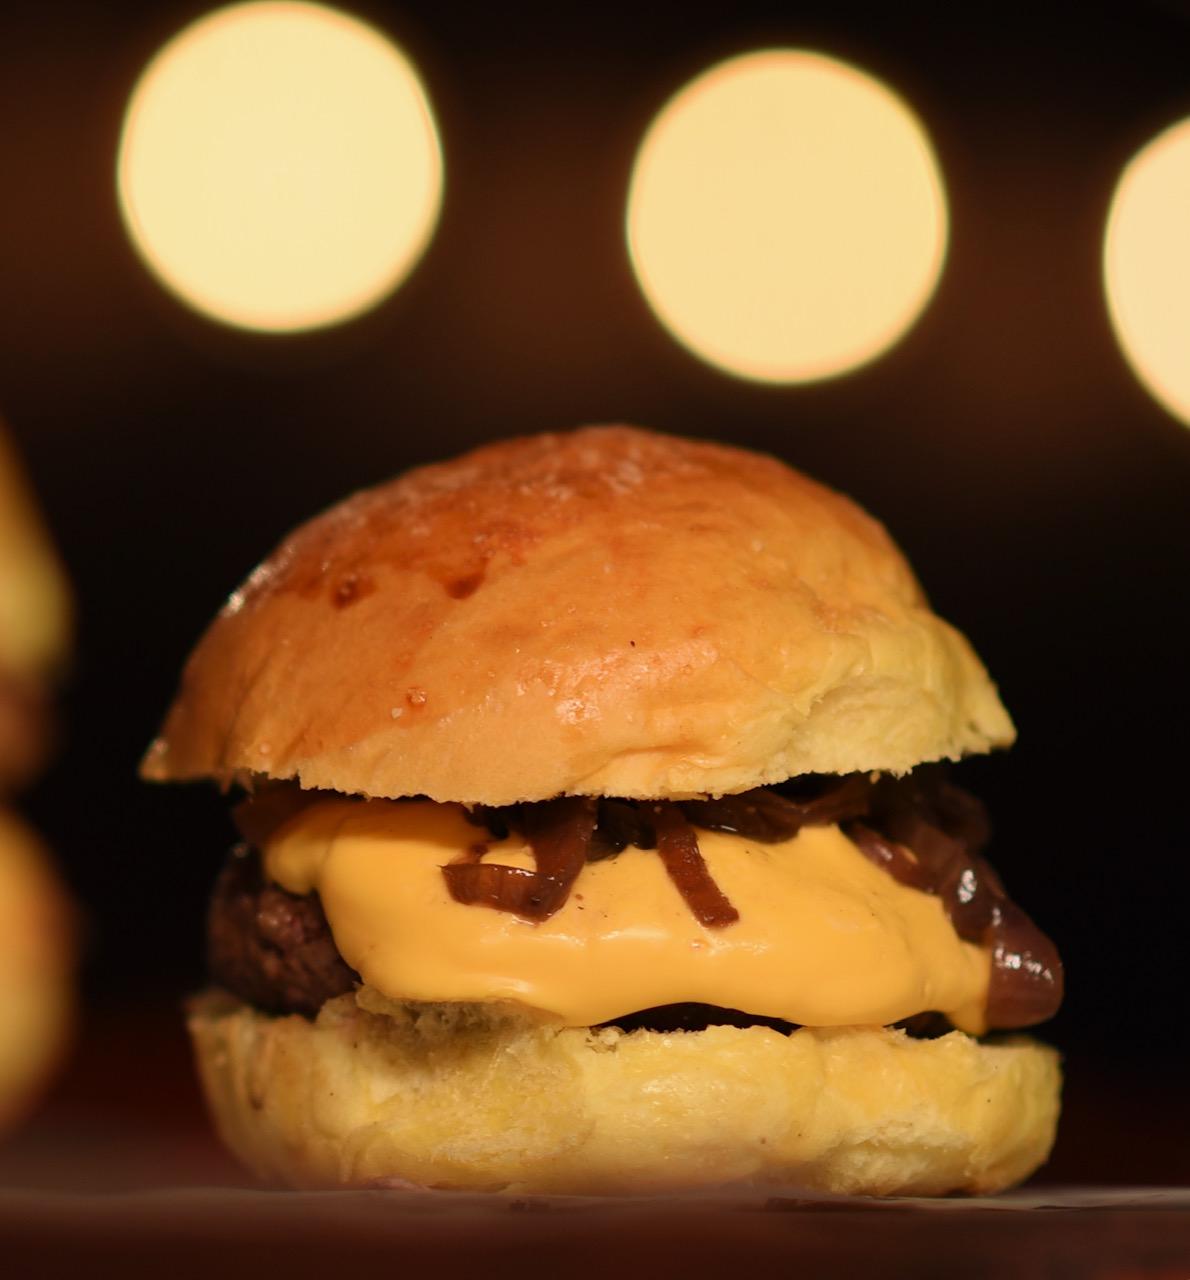 Exclusivo e pela primeira vez no Barato: Ordones Sandwish Shop, o melhor! 01 Crispy Burger, C&O Burger ou Club Sandwich de até R$23 por R$15,99. Válido para Varjota ou Parquelândia!